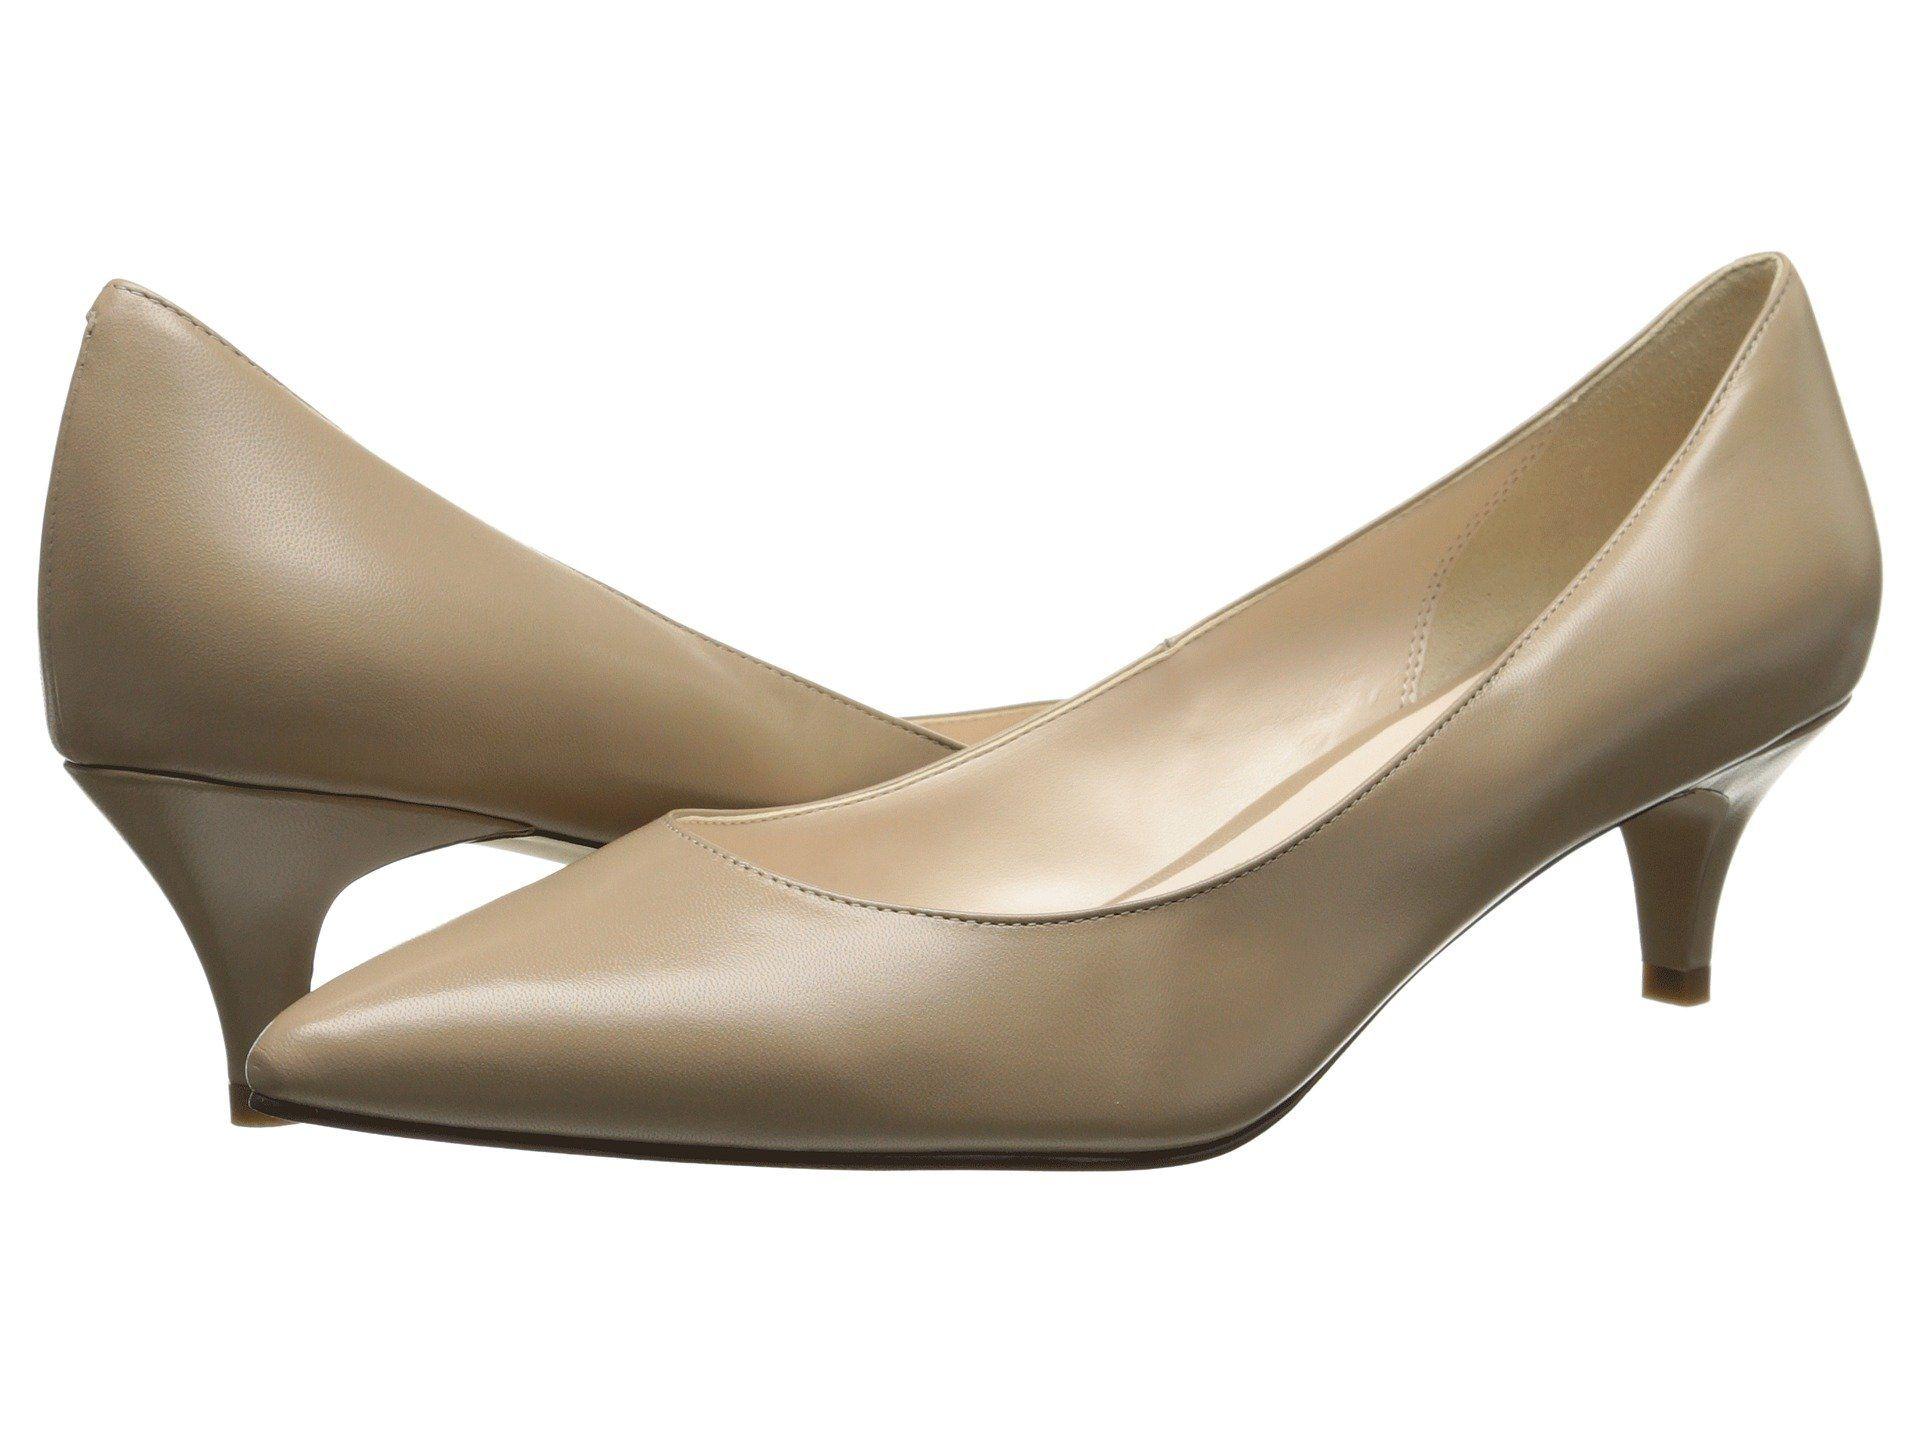 COLE HAAN | Cole Haan Juliana Pump 45mm #Shoes #Heels #COLE HAAN